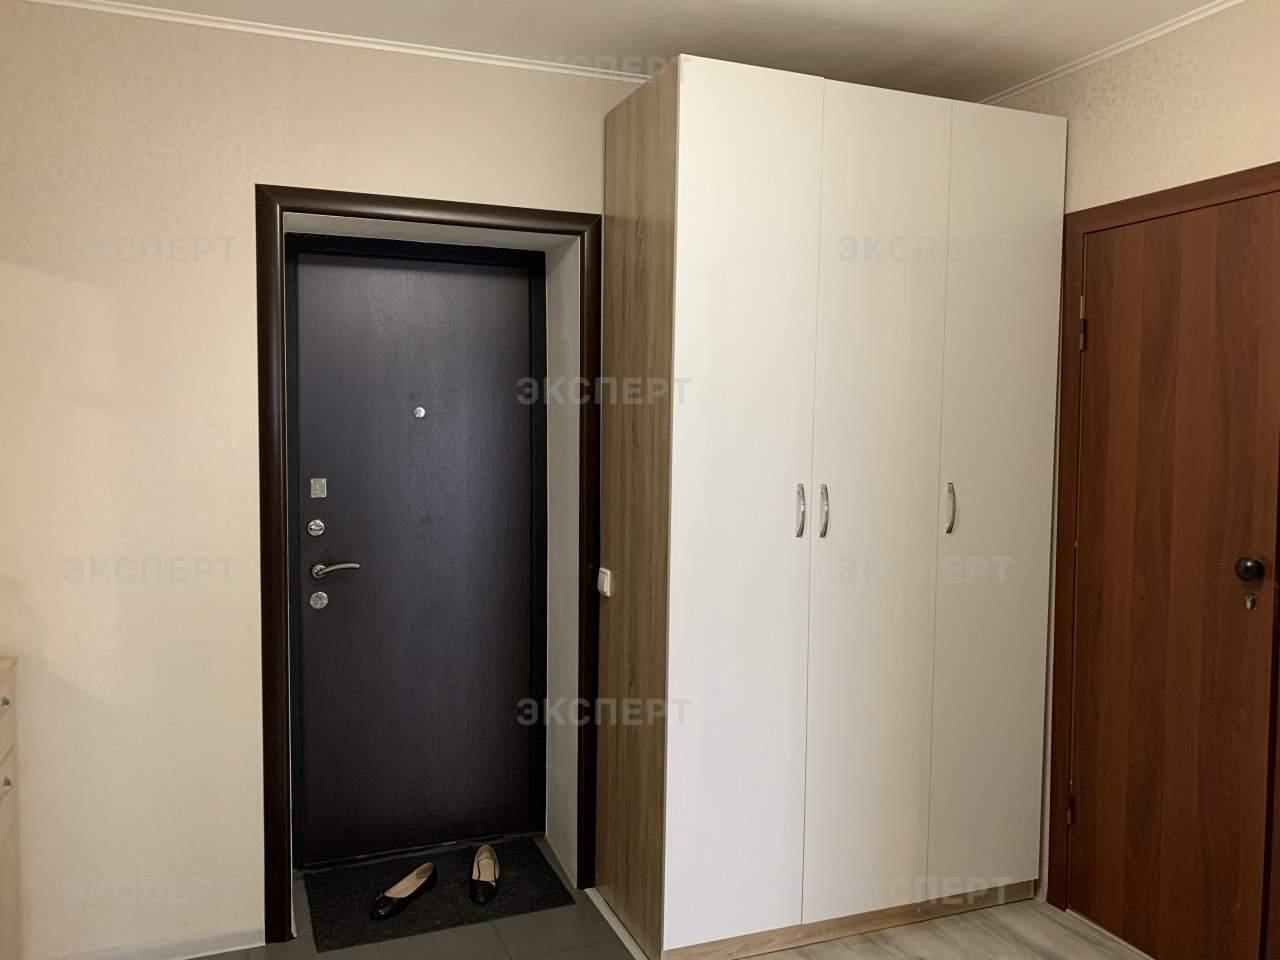 Аренда 1-комнатной квартиры, Великий Новгород, Большая Санкт-Петербургская улица,  д.99